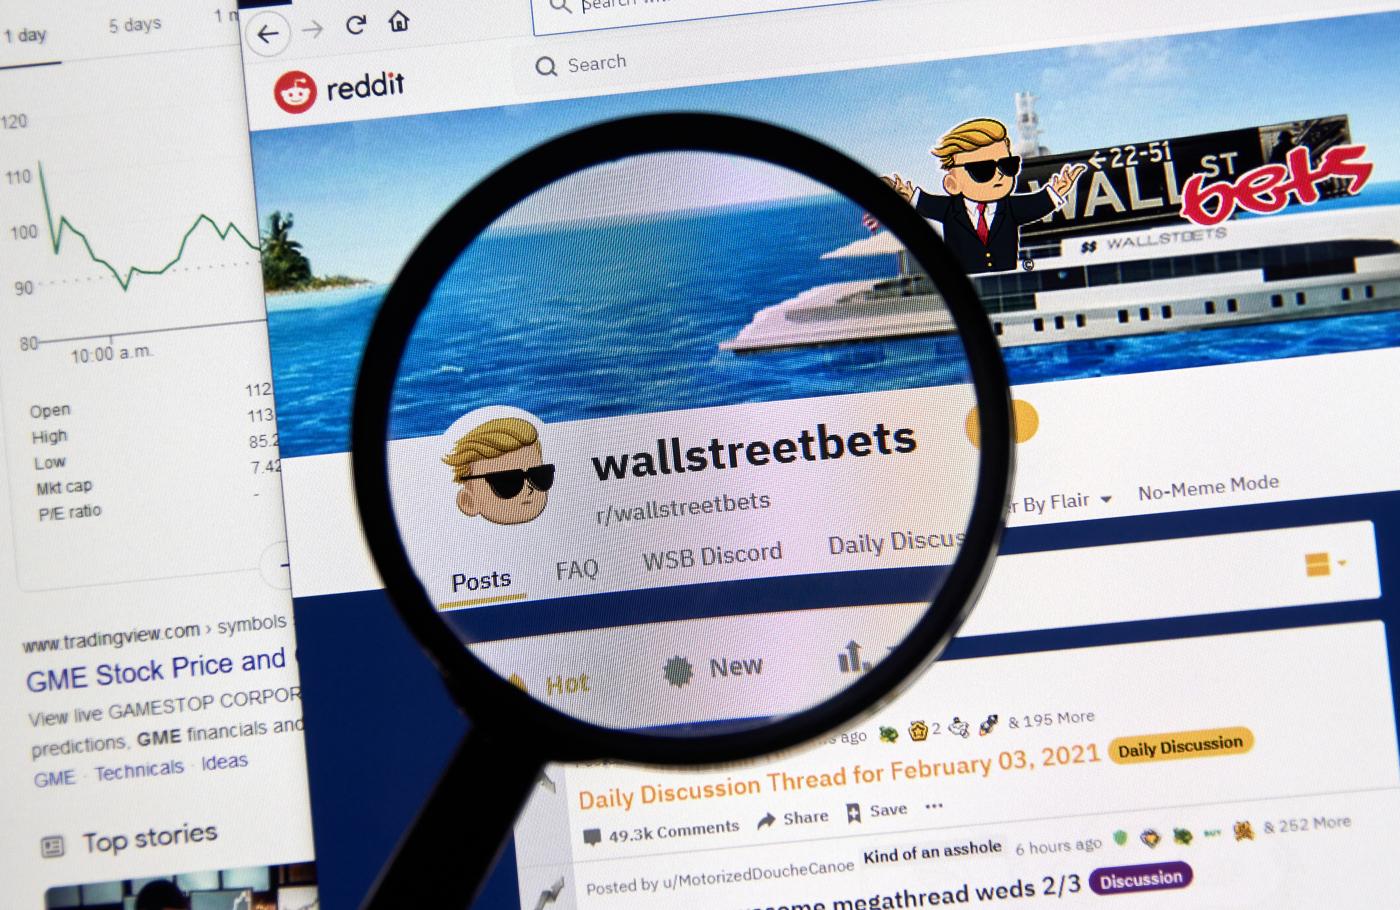 WallStreetBets, Reddit traders, meme stocks, Gamestop, GME